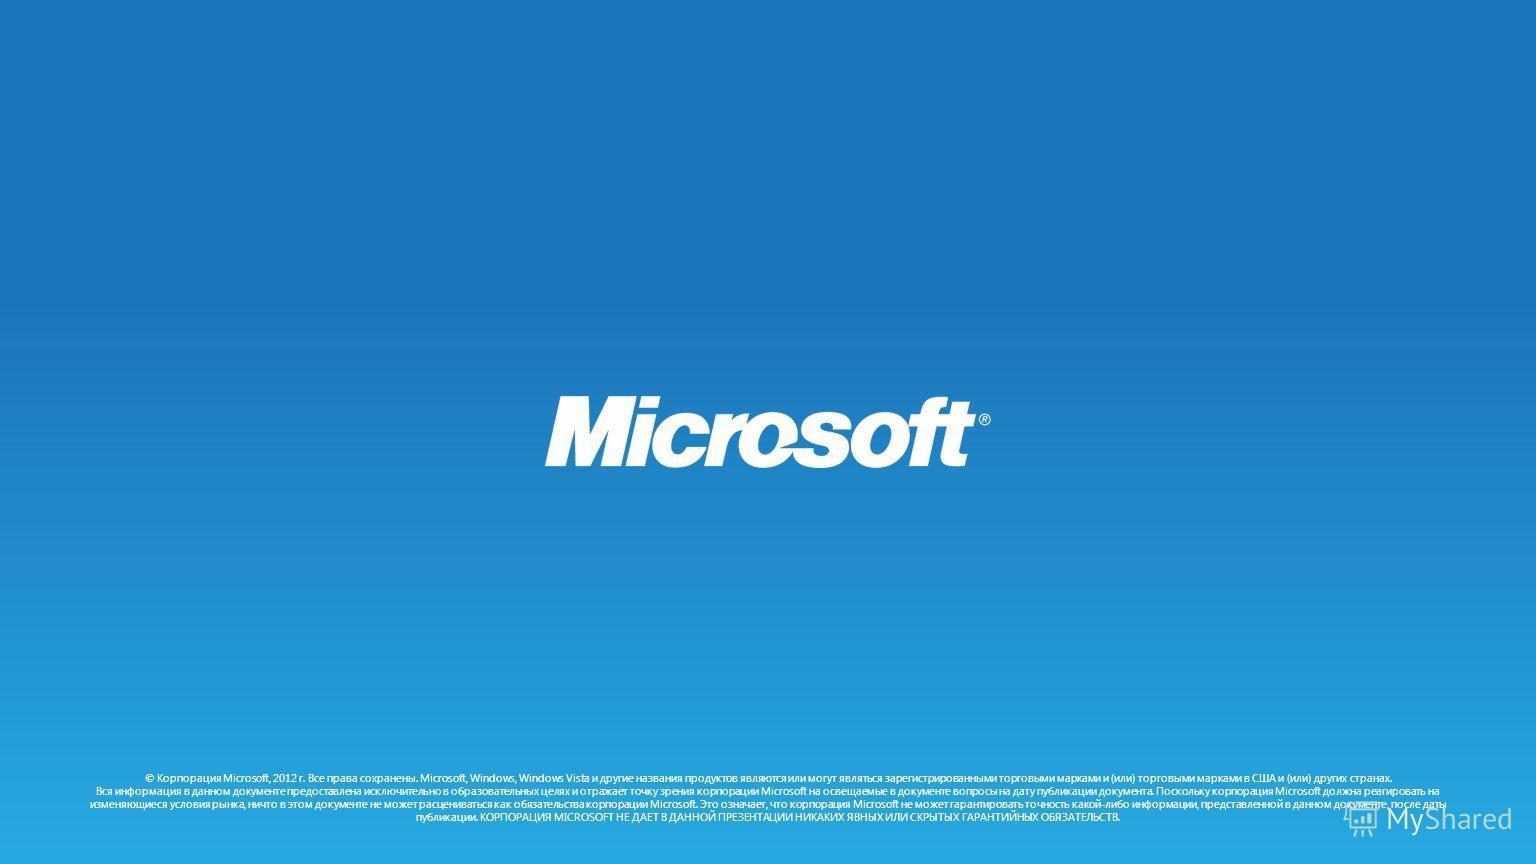 © Корпорация Microsoft, 2012 г. Все права сохранены. Microsoft, Windows, Windows Vista и другие названия продуктов являются или могут являться зарегистрированными торговыми марками и (или) торговыми марками в США и (или) других странах. Вся информаци